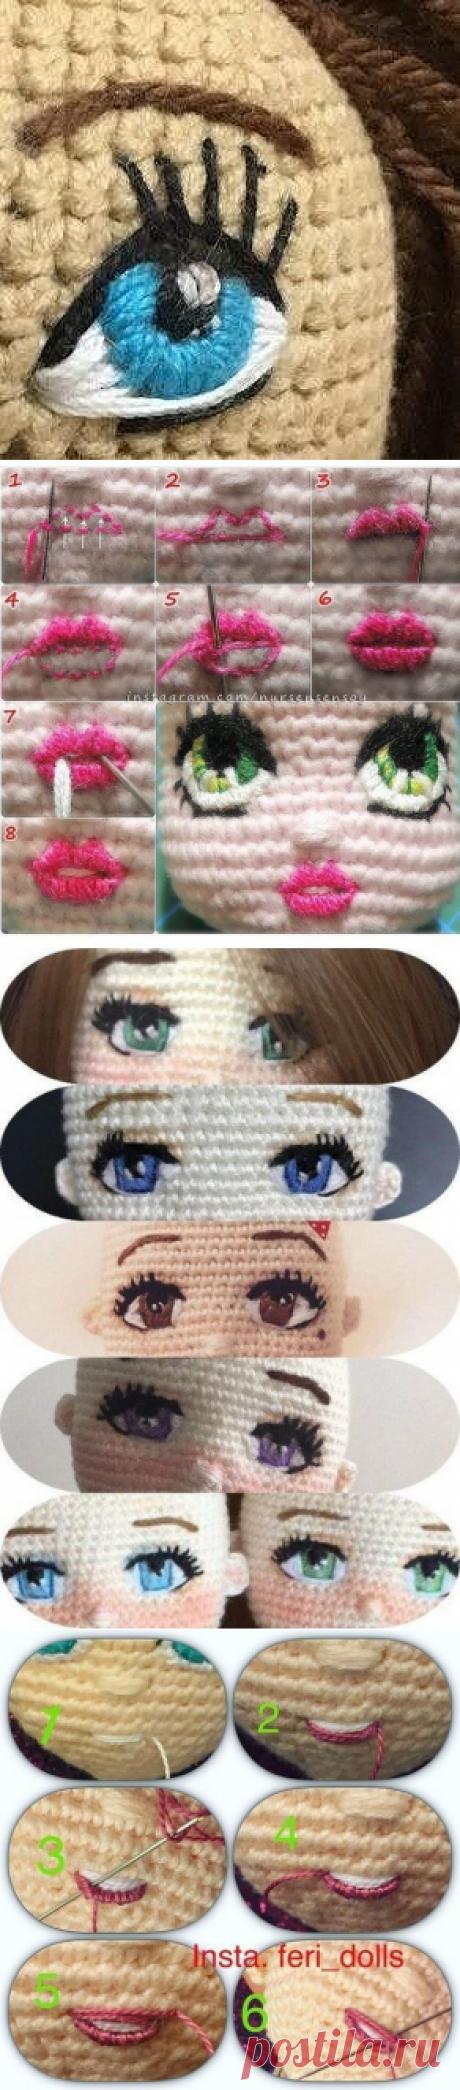 Вышиваем красивое личико для куколки из категории Интересные идеи – Вязаные идеи, идеи для вязания